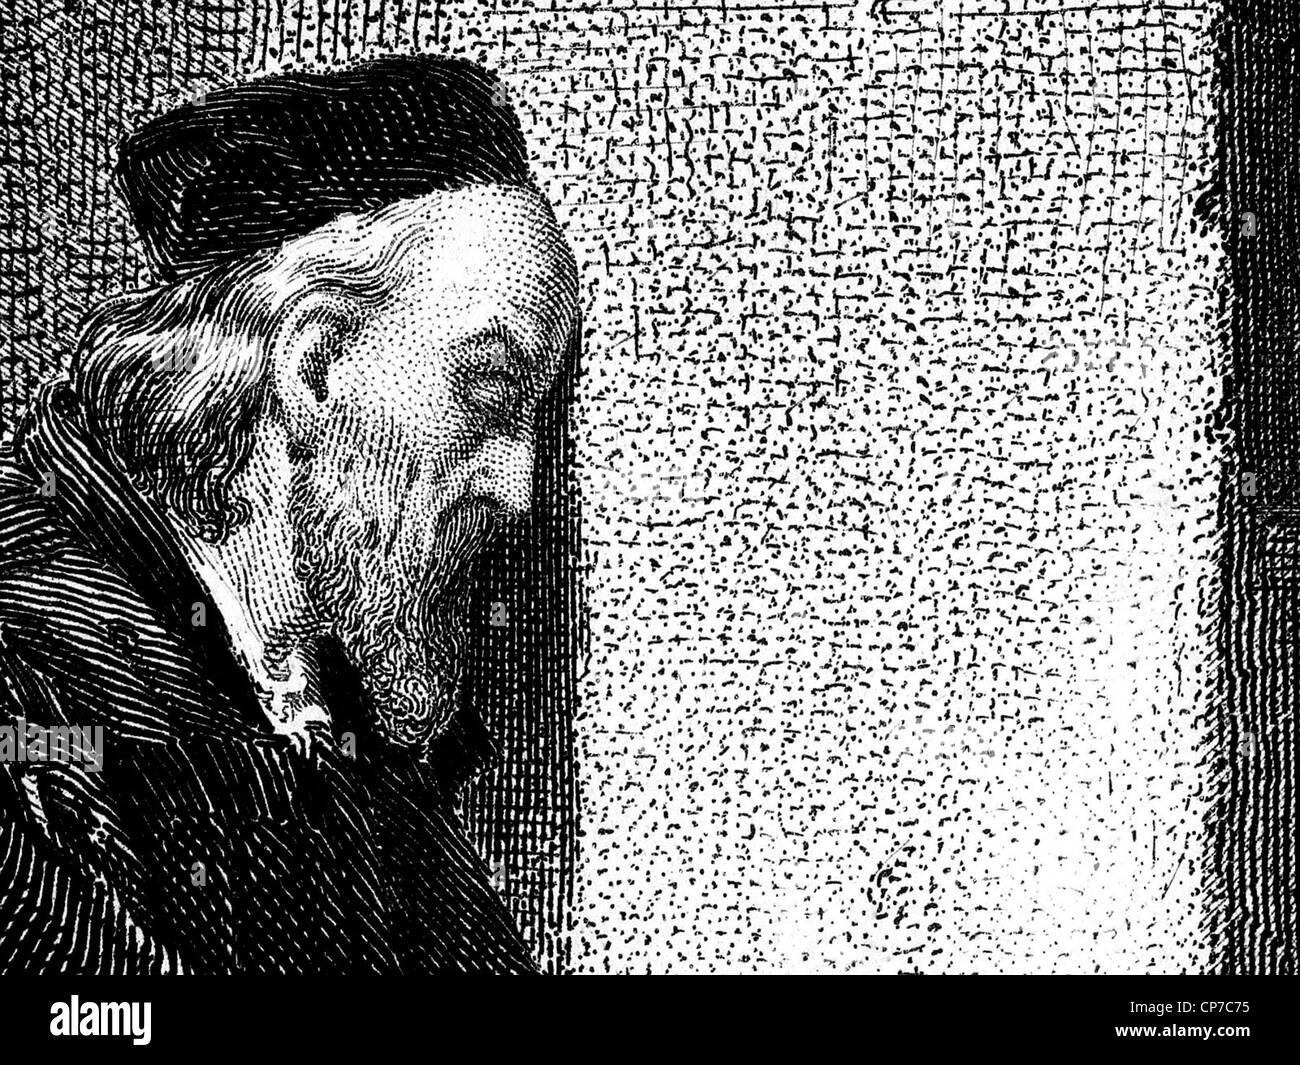 Xilogravura gravura de Sir ou Saint Thomas Moore, advogado Inglês, filósofo social, autor e estadista. Imagens de Stock